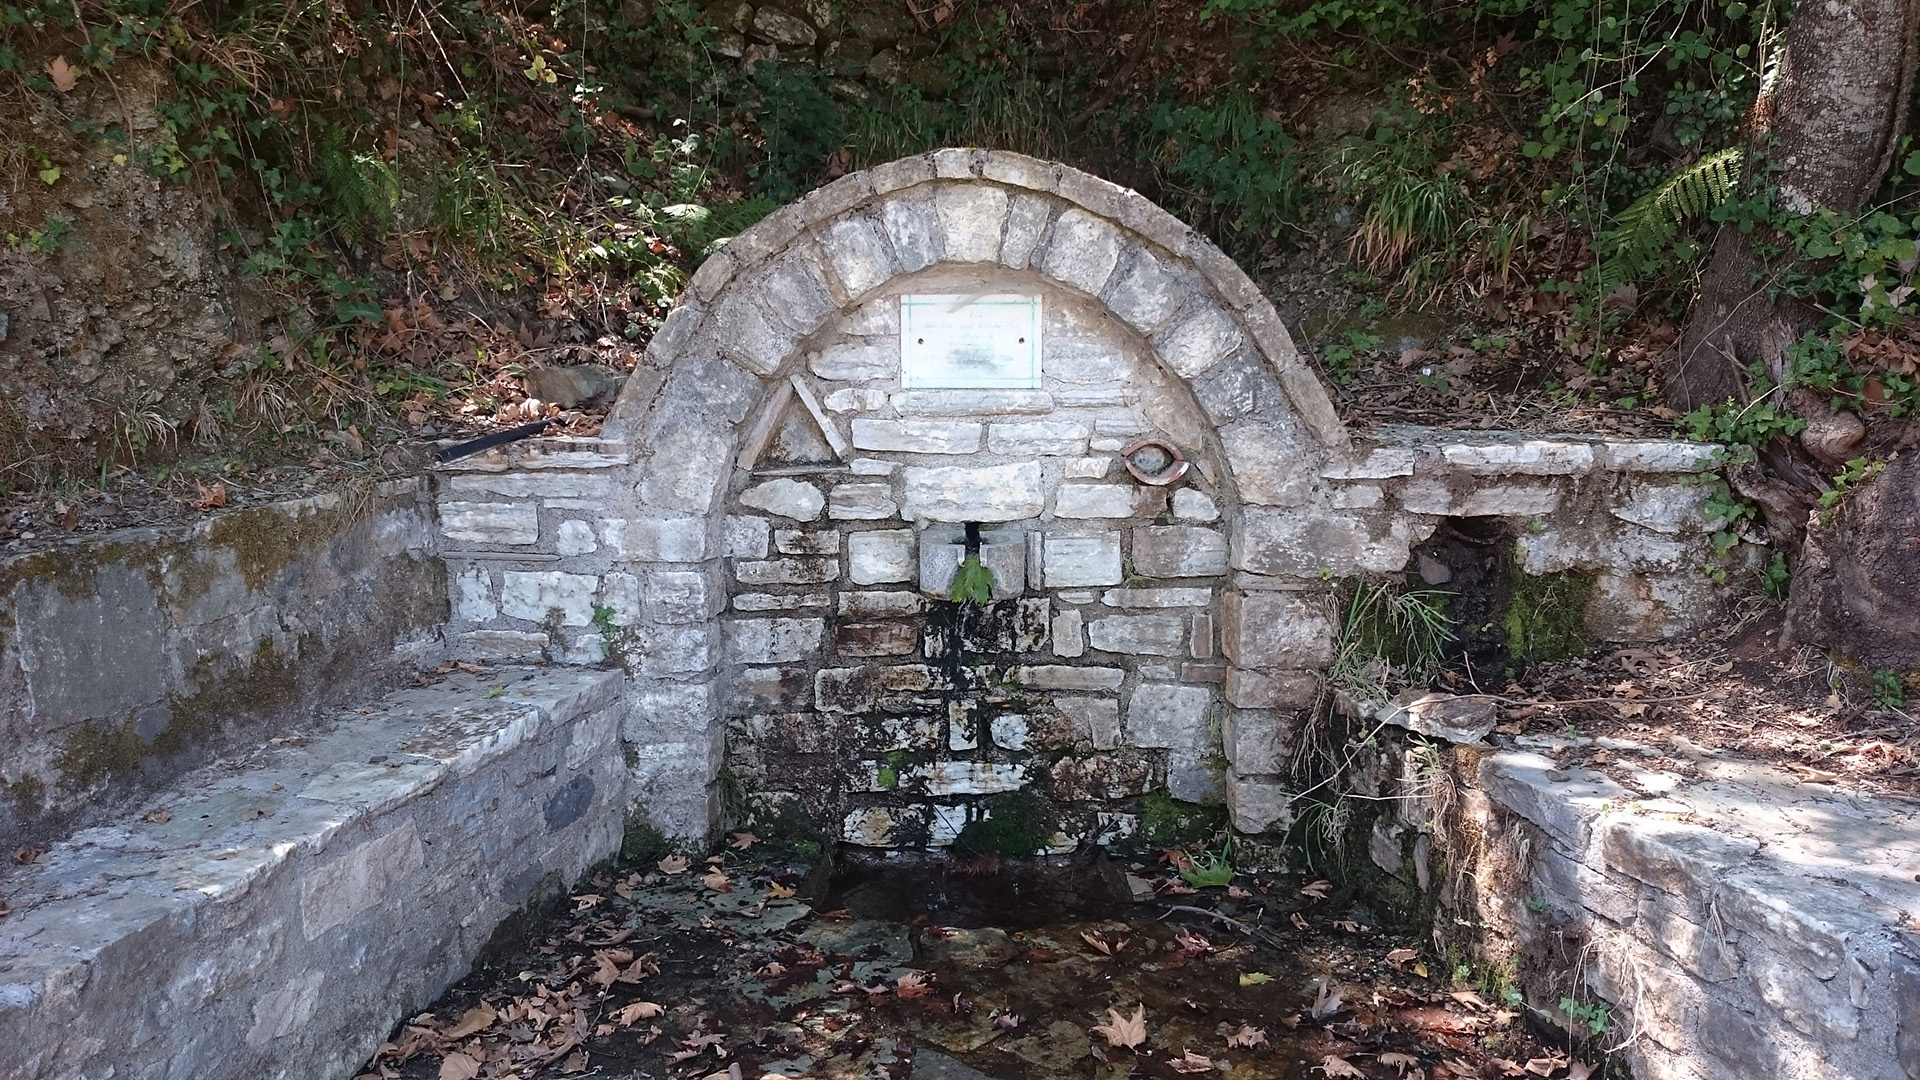 Prophitis Elias Fountain